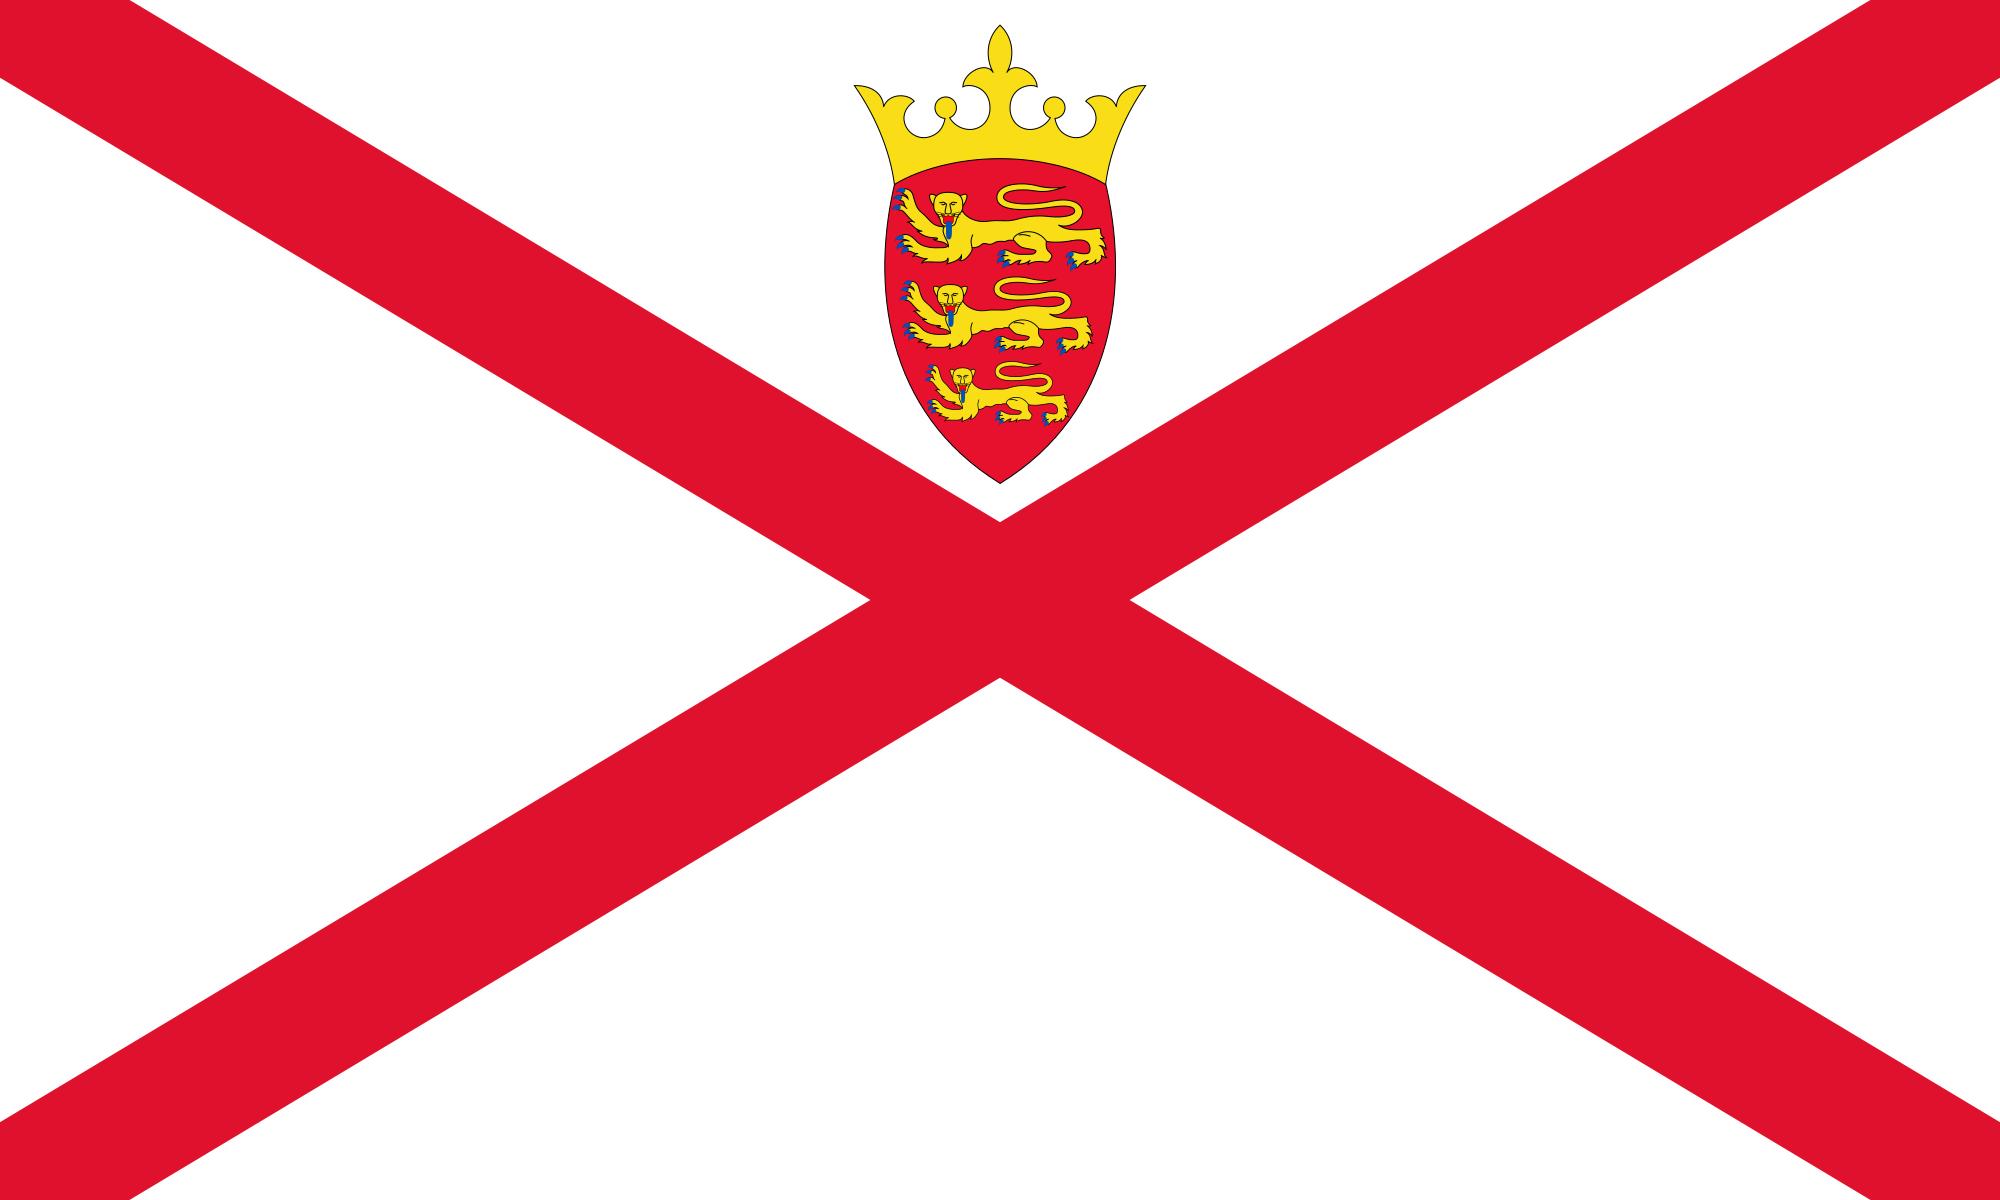 جيرسي, البلد, emblema, شعار, الرمز - خلفيات عالية الدقة - أستاذ falken.com